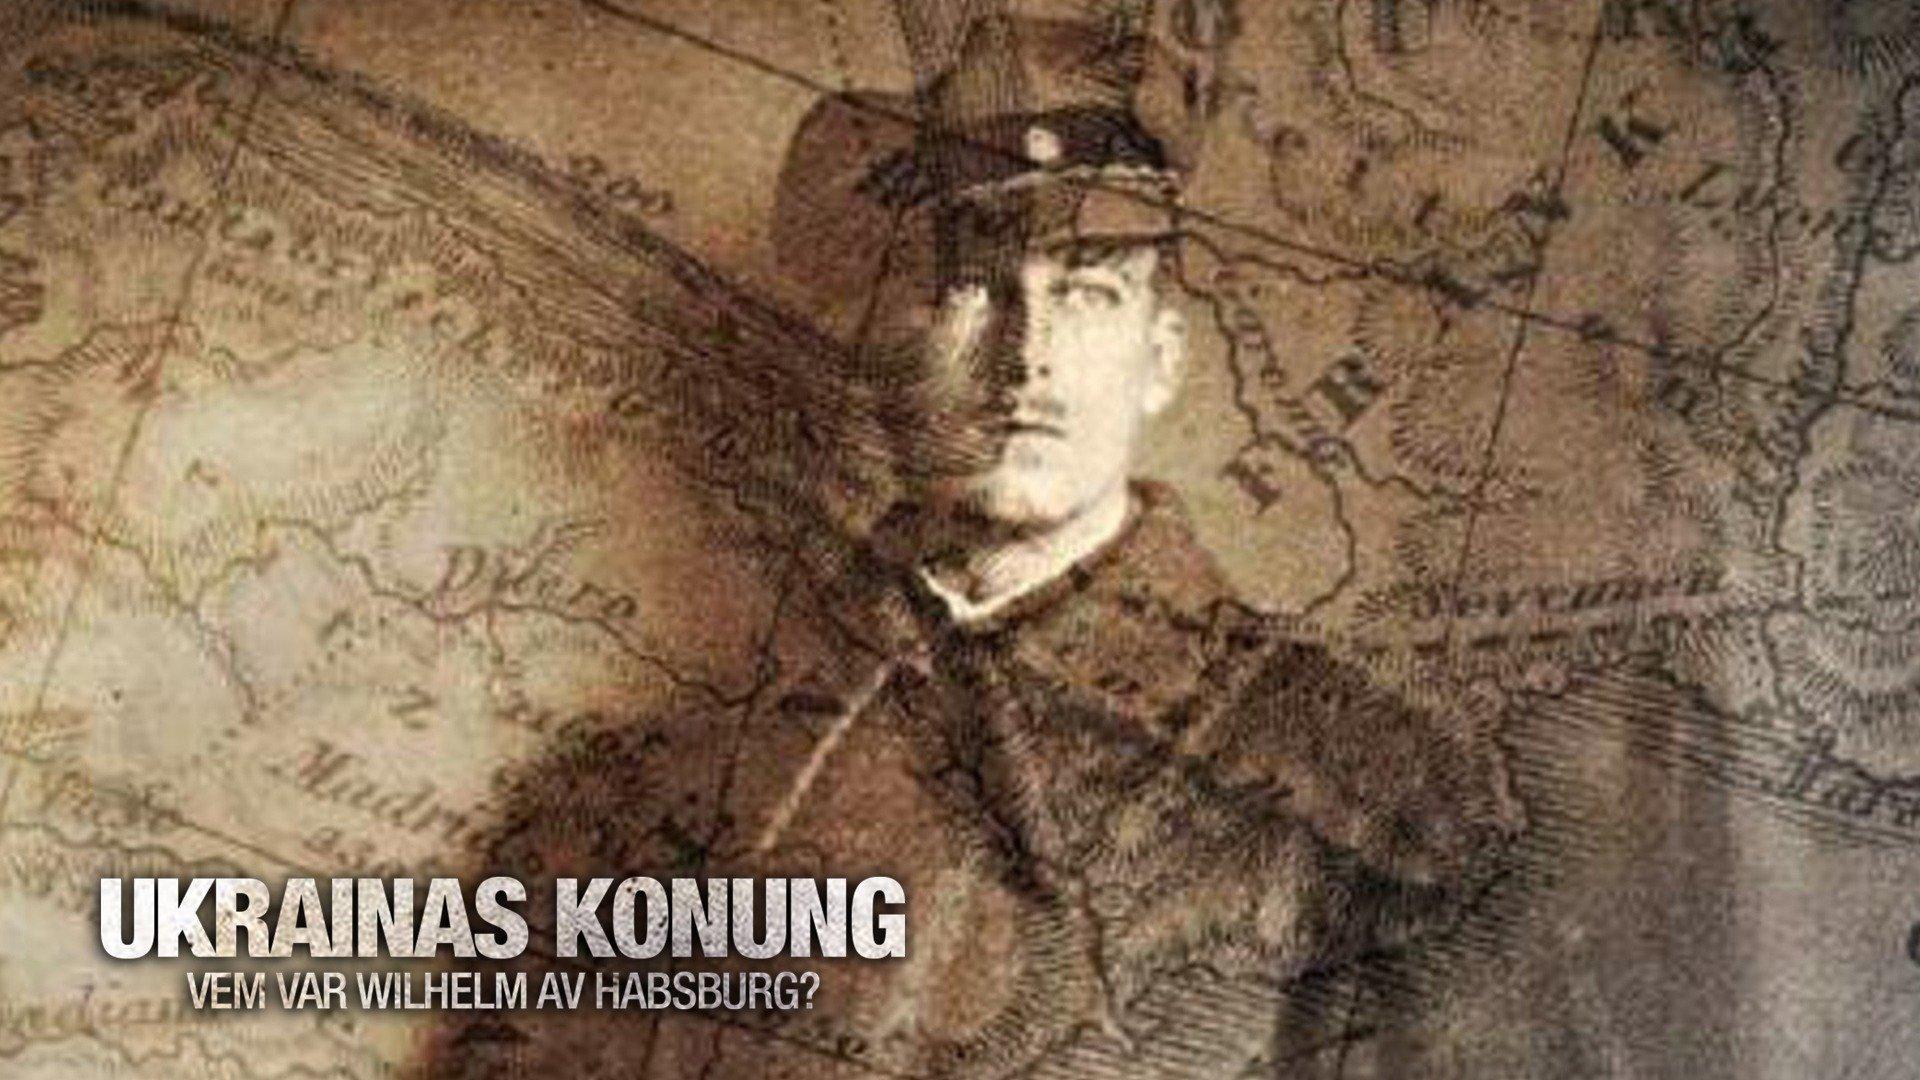 Ukrainas konung - Vem var Wilhelm av Habsburg?